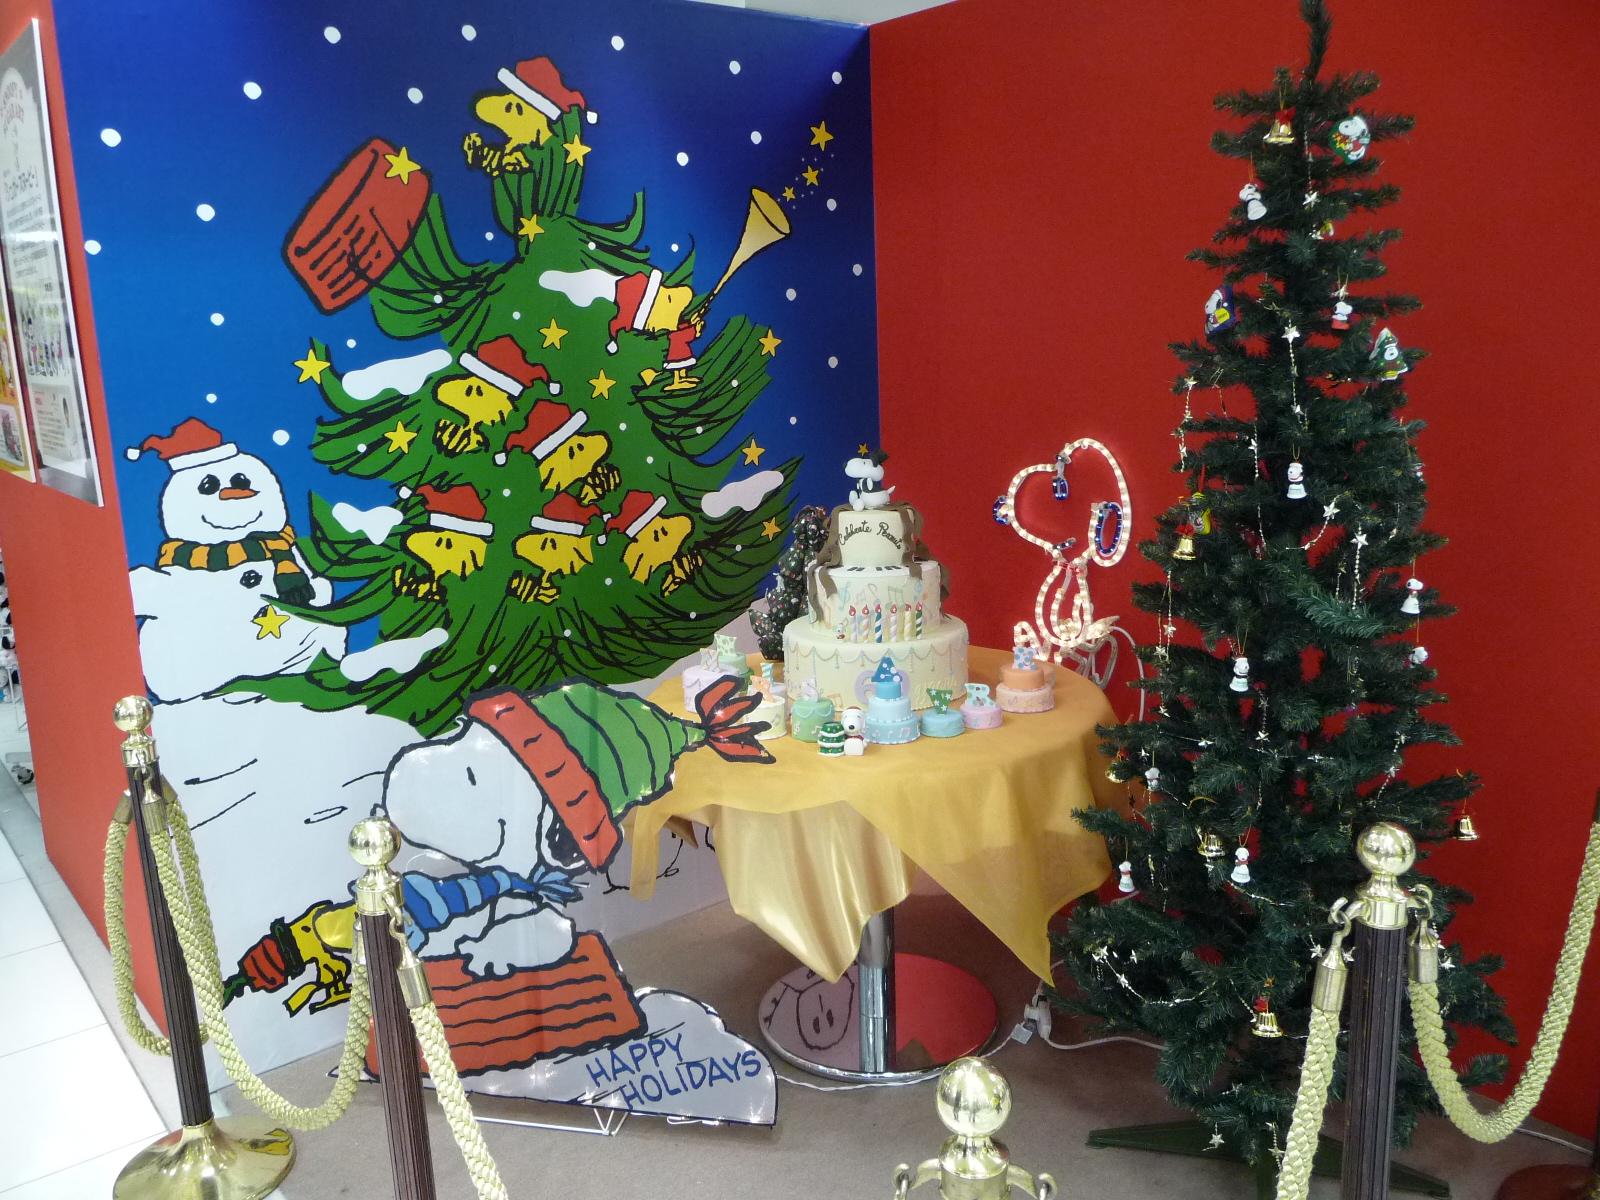 スヌーピー モノ フェスティバル2009 クリスマスバージョン 阪神